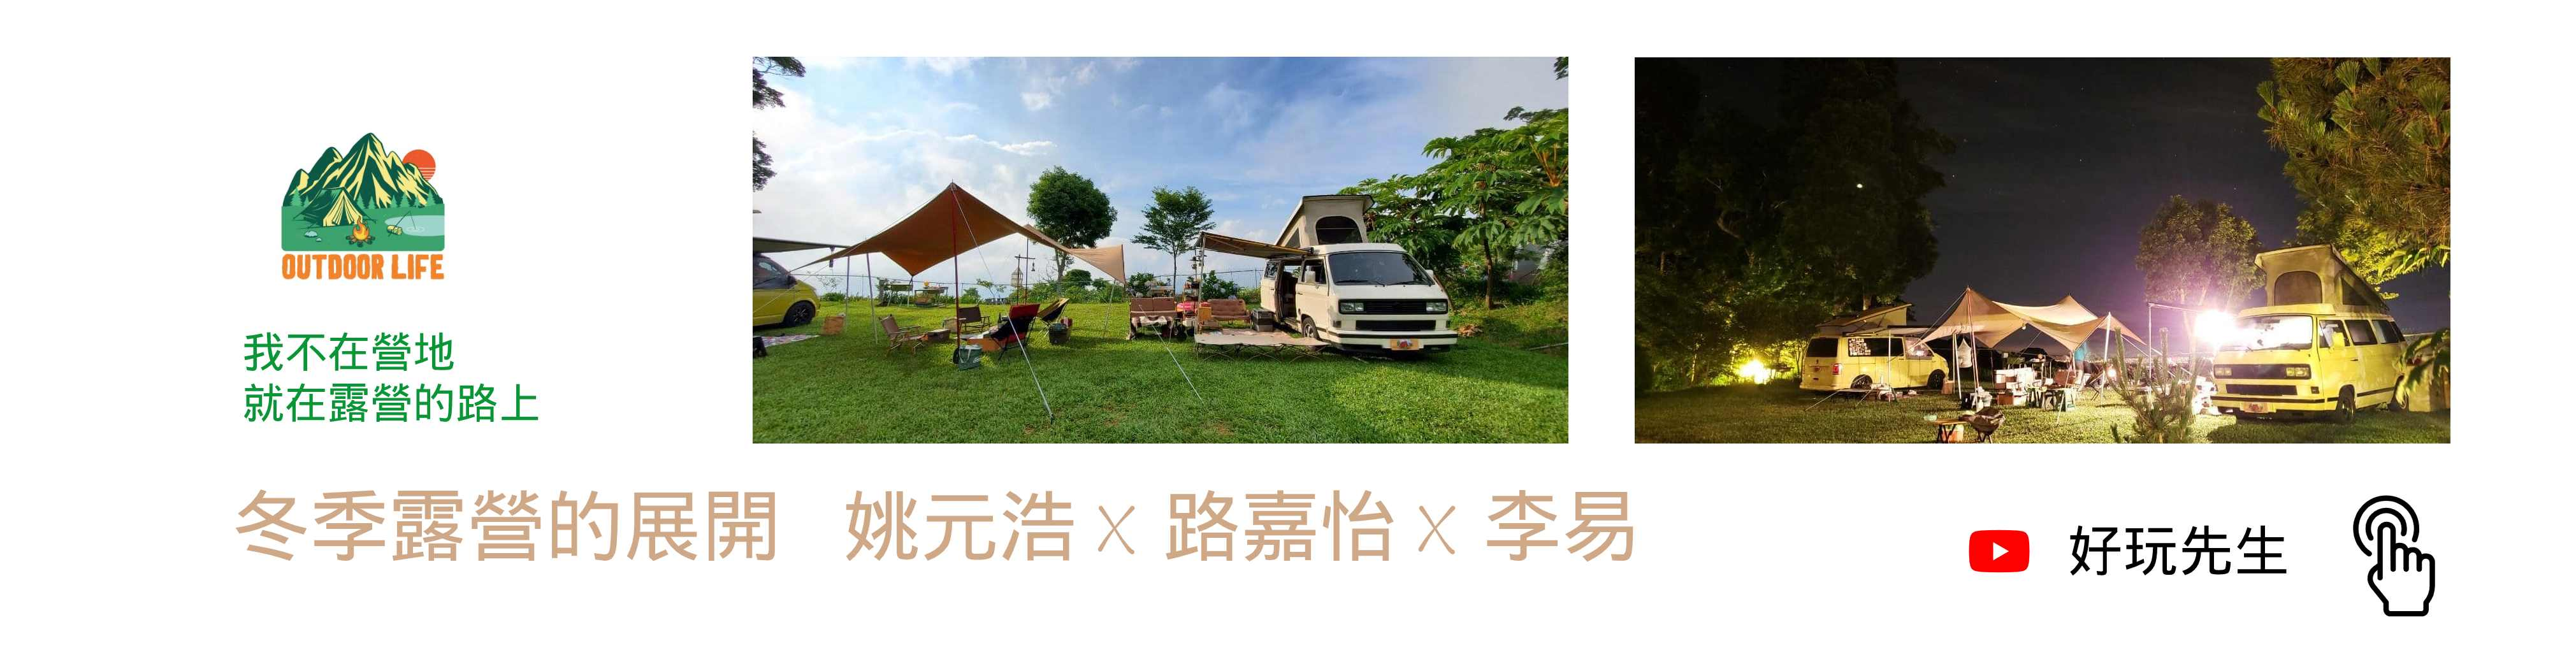 露營節目宣傳